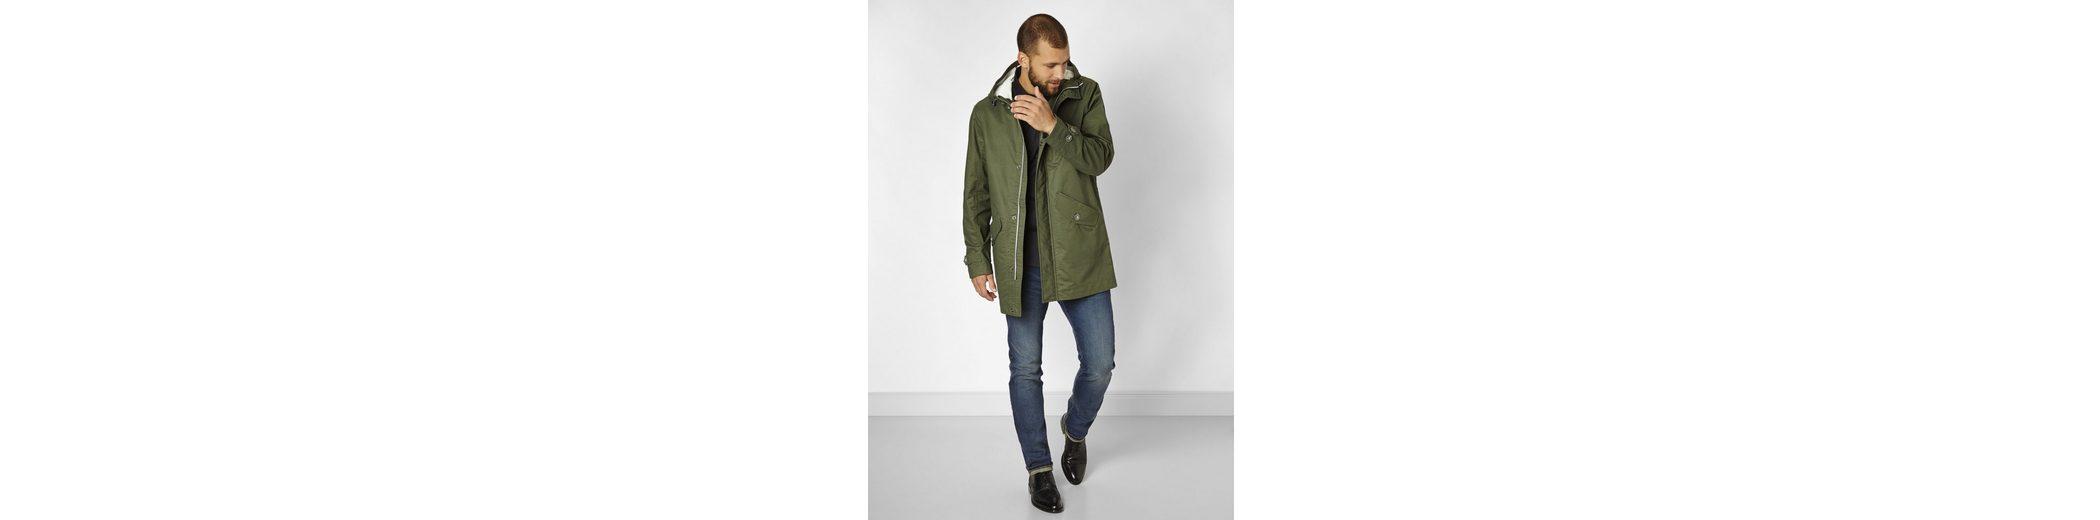 S4 Jackets moderner wasserabweisender Parka Leroi 2  Um Online Kaufen jzB3HUfyP